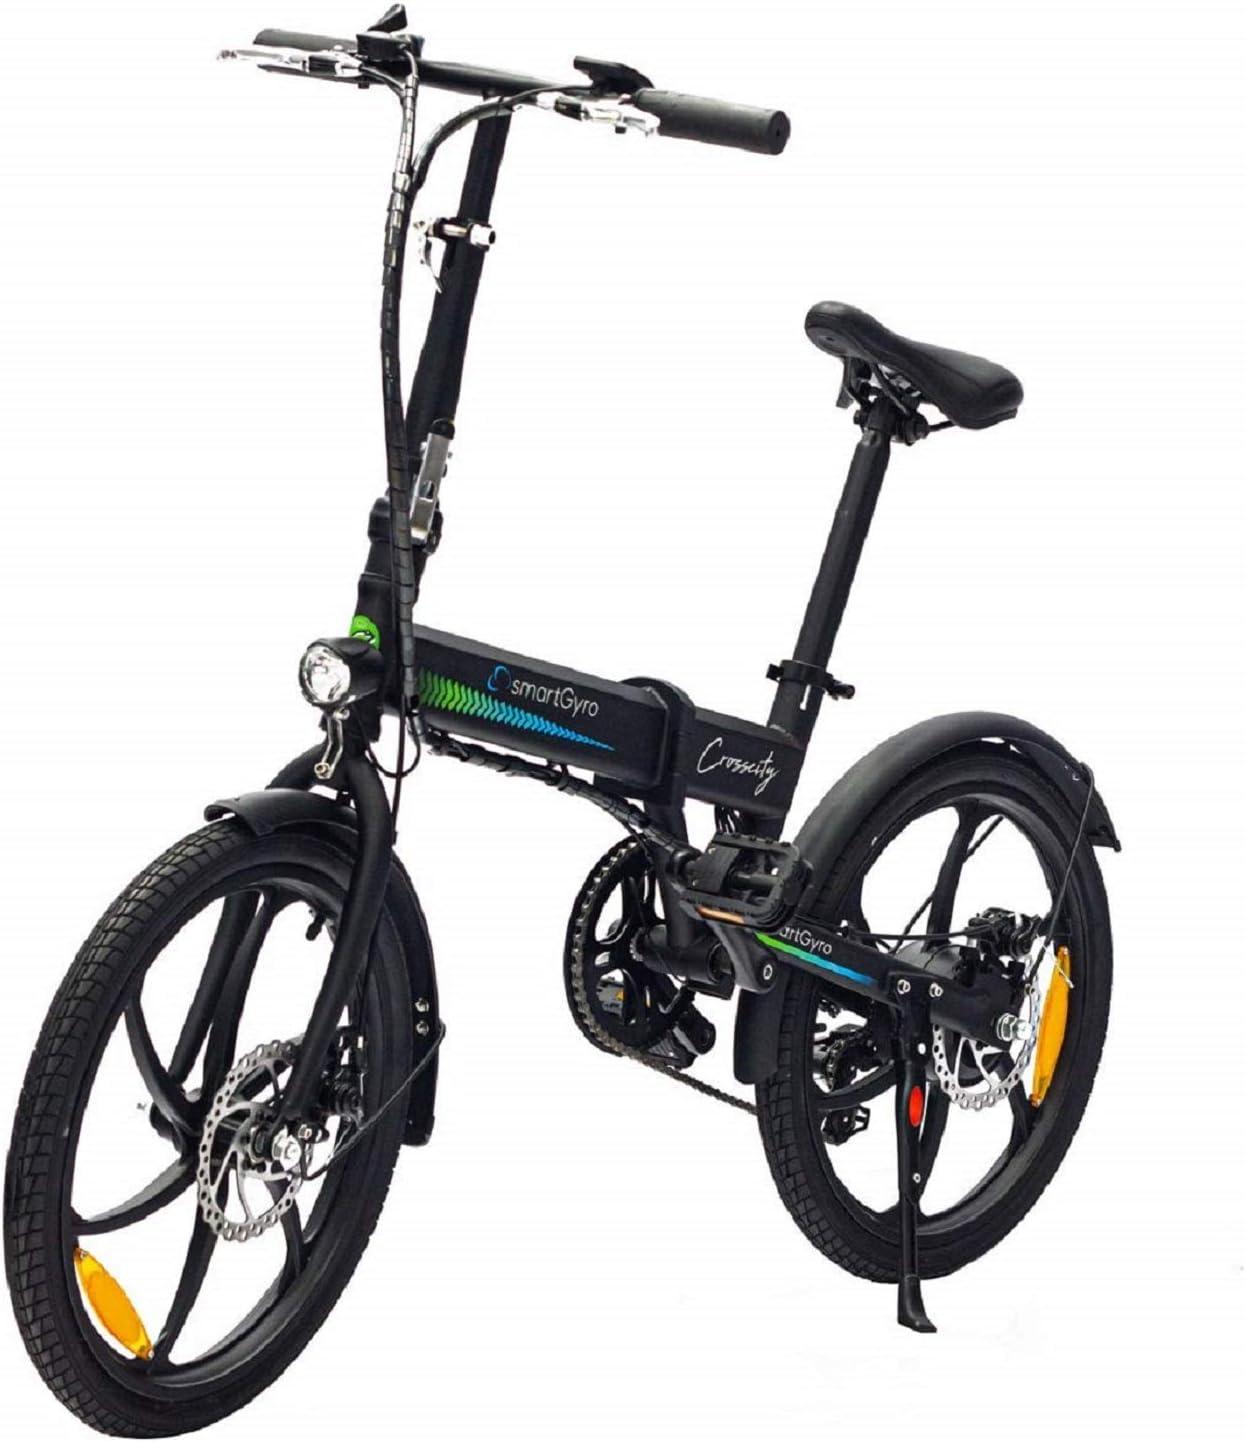 SMARTGYRO Ebike Crosscity Black - Bicicleta Eléctrica Urbana ...